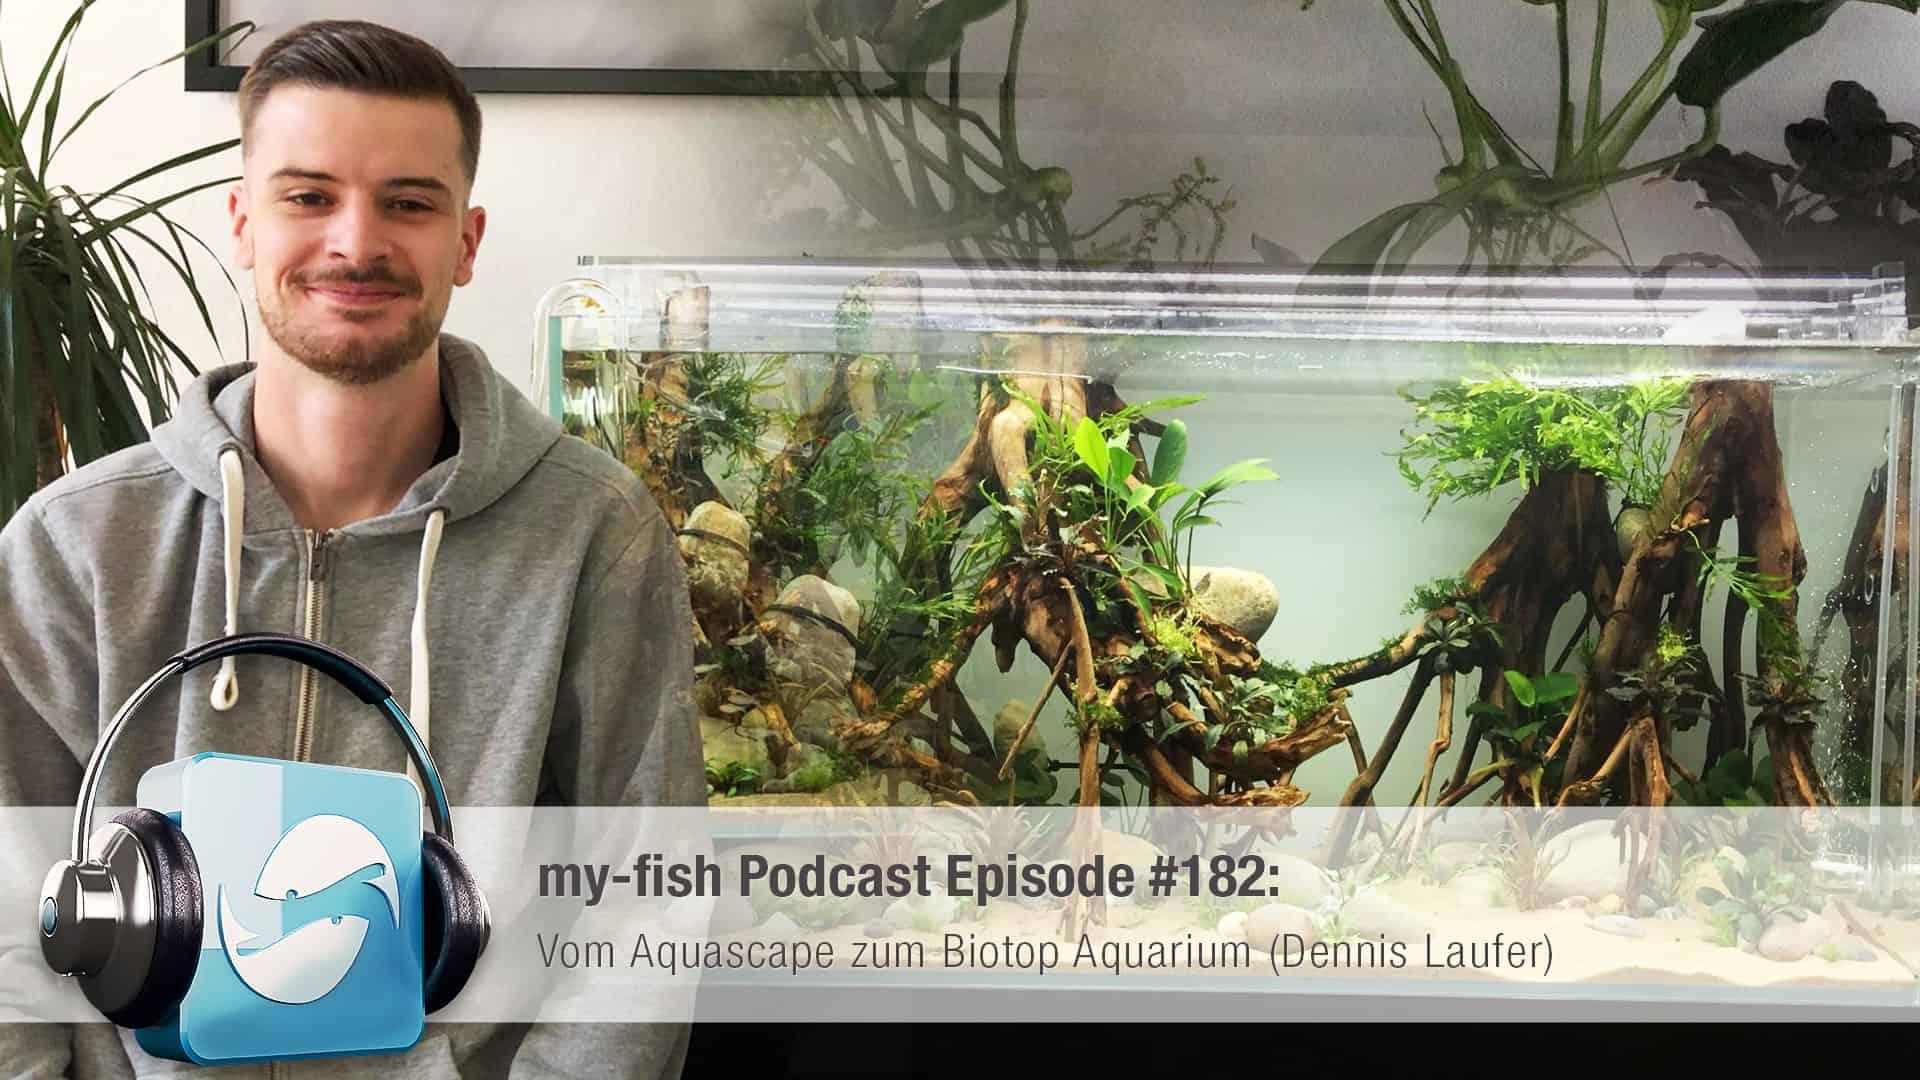 Podcast Episode #182: Vom Aquascape zum Biotop Aquarium (Dennis Laufer) 1